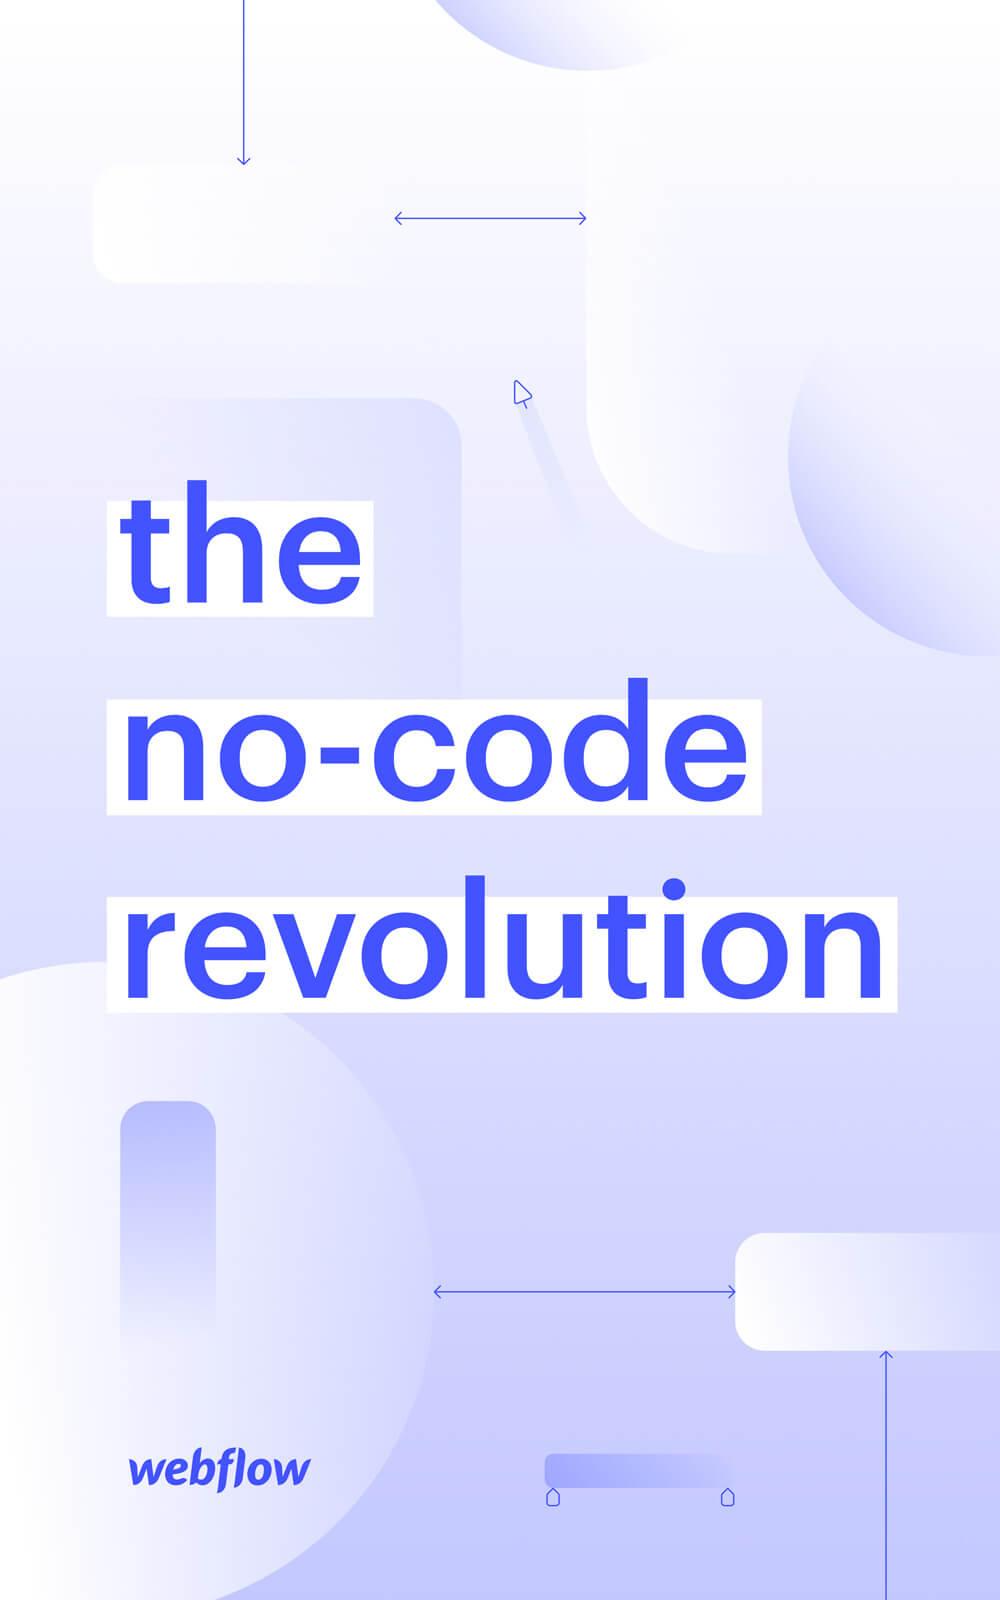 The no-code revolution